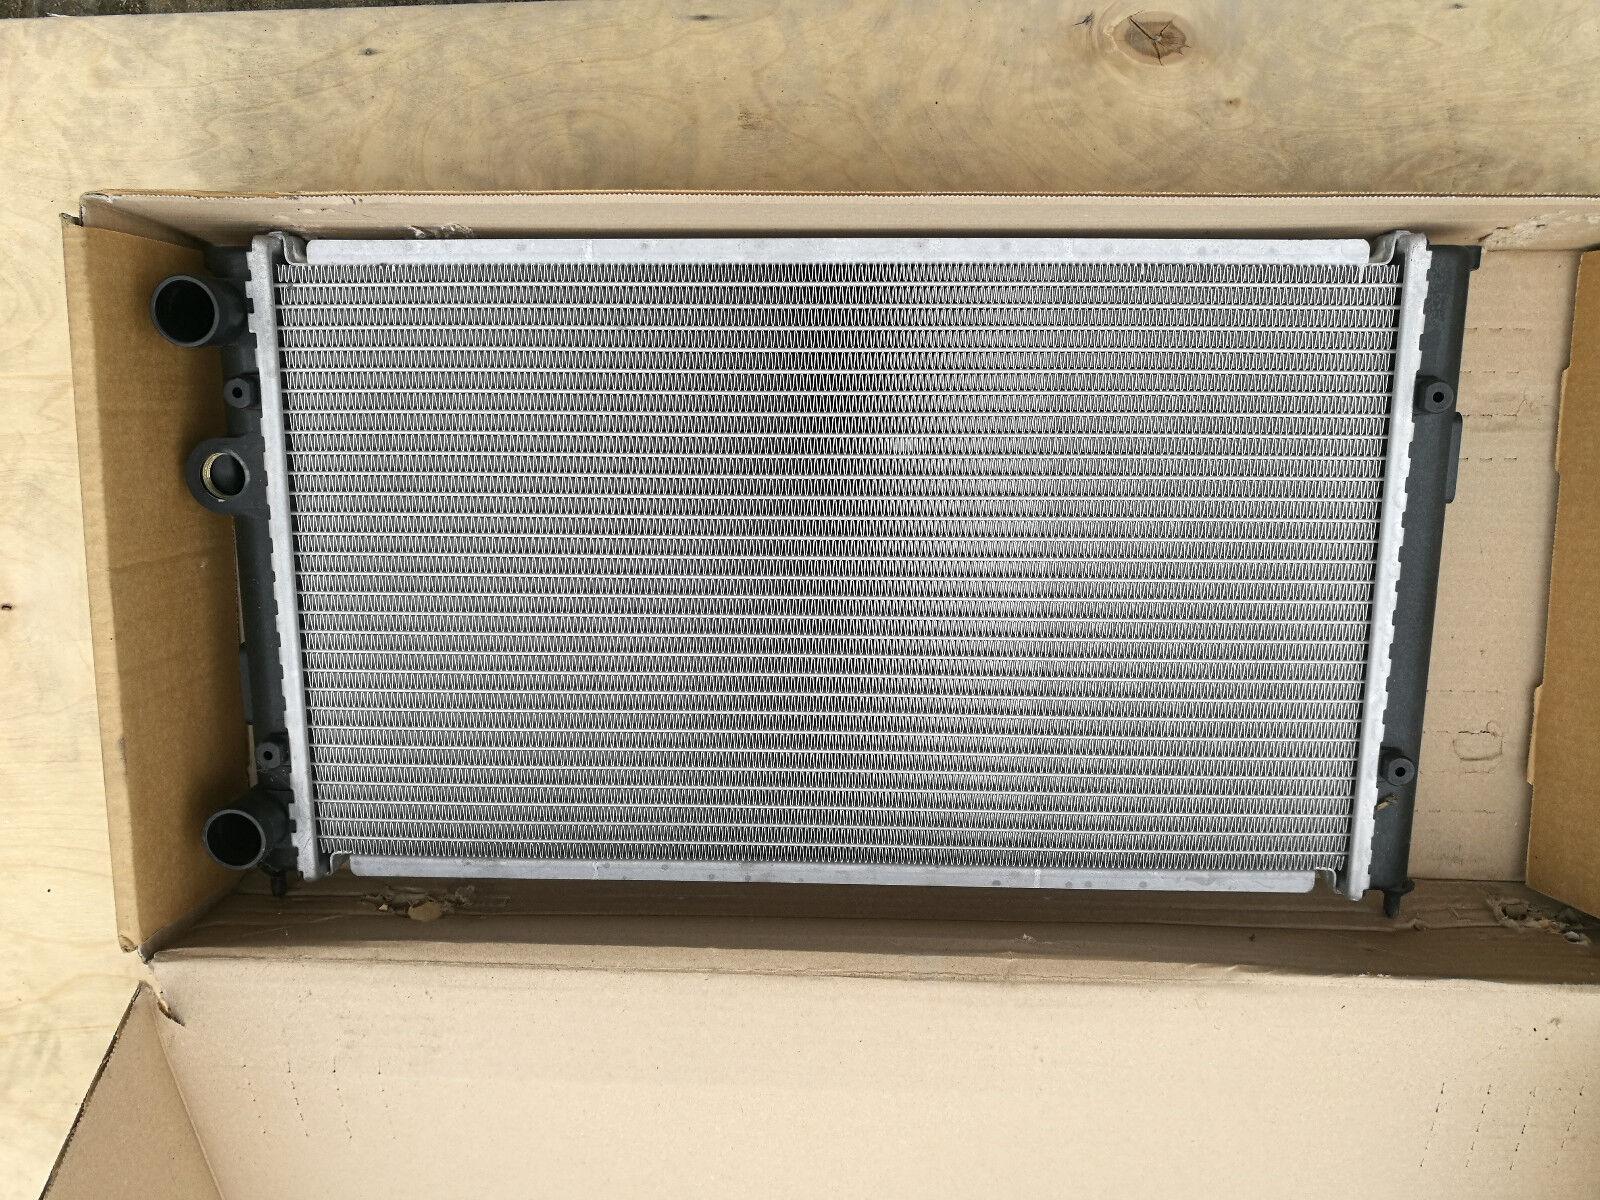 DESTOCKAGE ! Radiateur VOLKSWAGEN GOLF 3 III VENTO NISSENS 65187